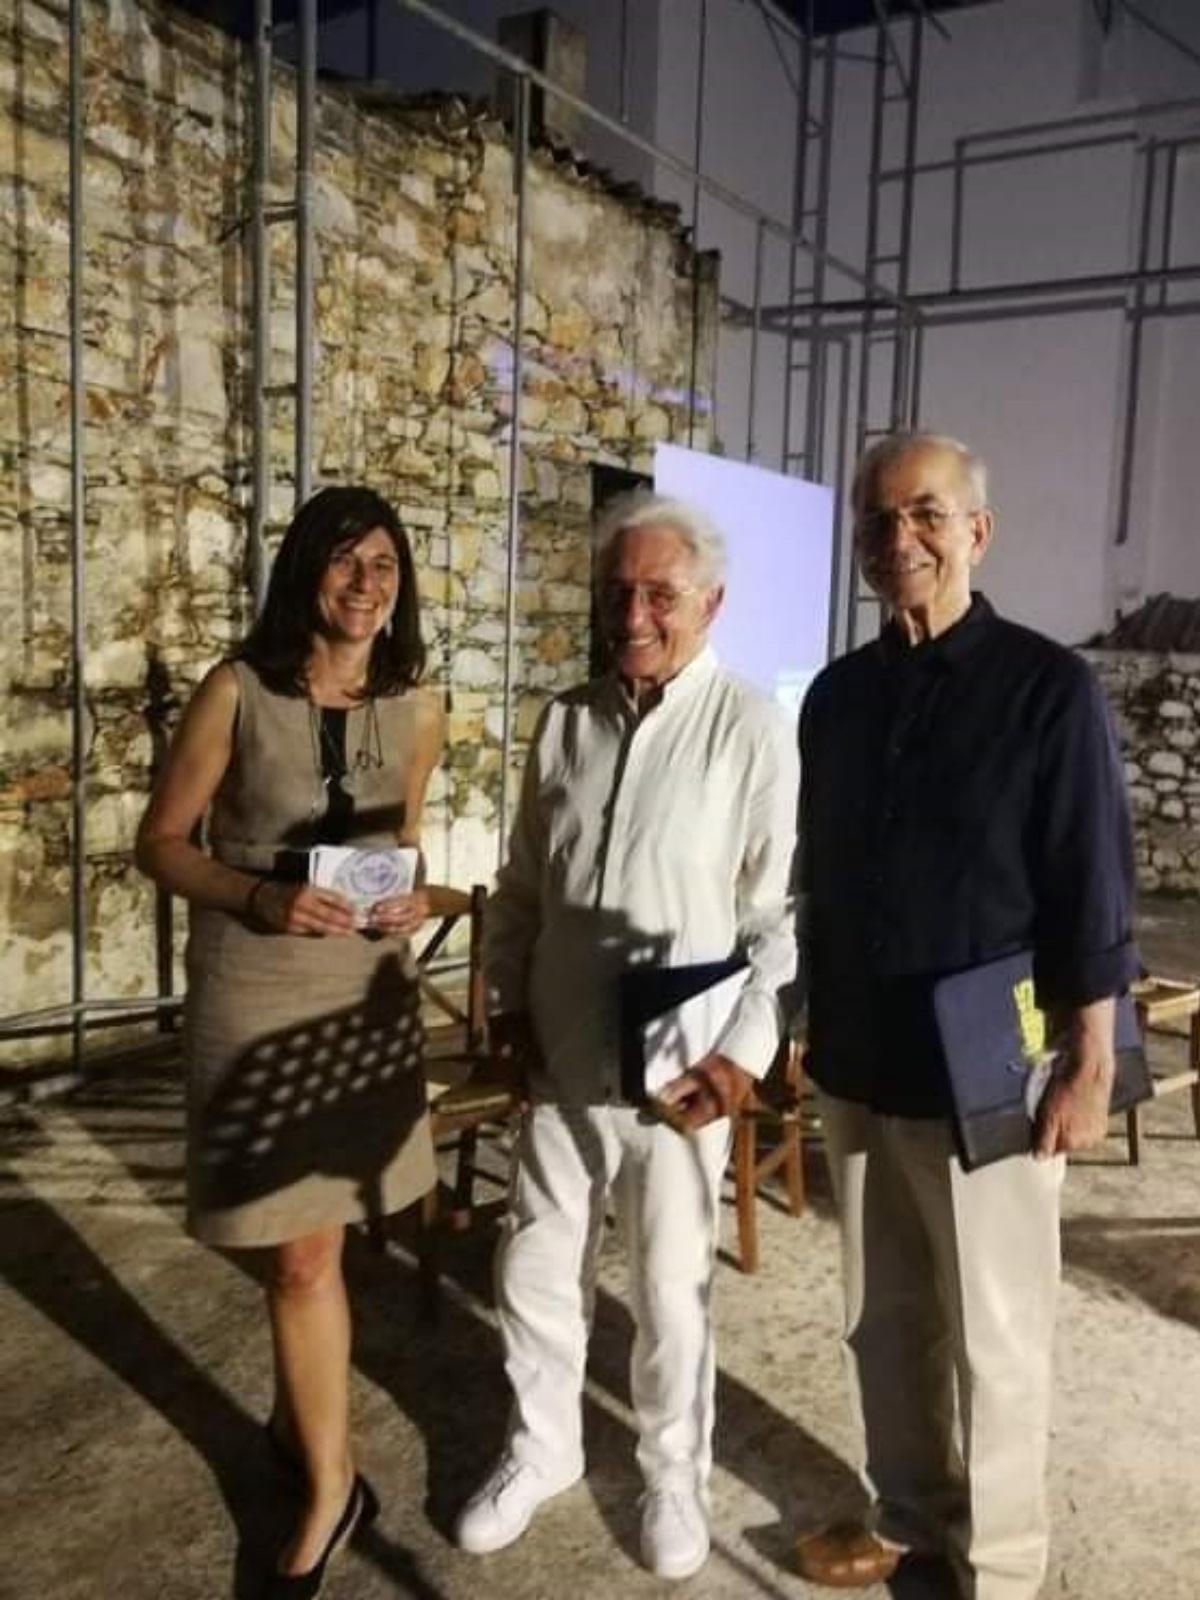 Γάλλος αρχιτέκτονας έγινε Σκοπελίτης